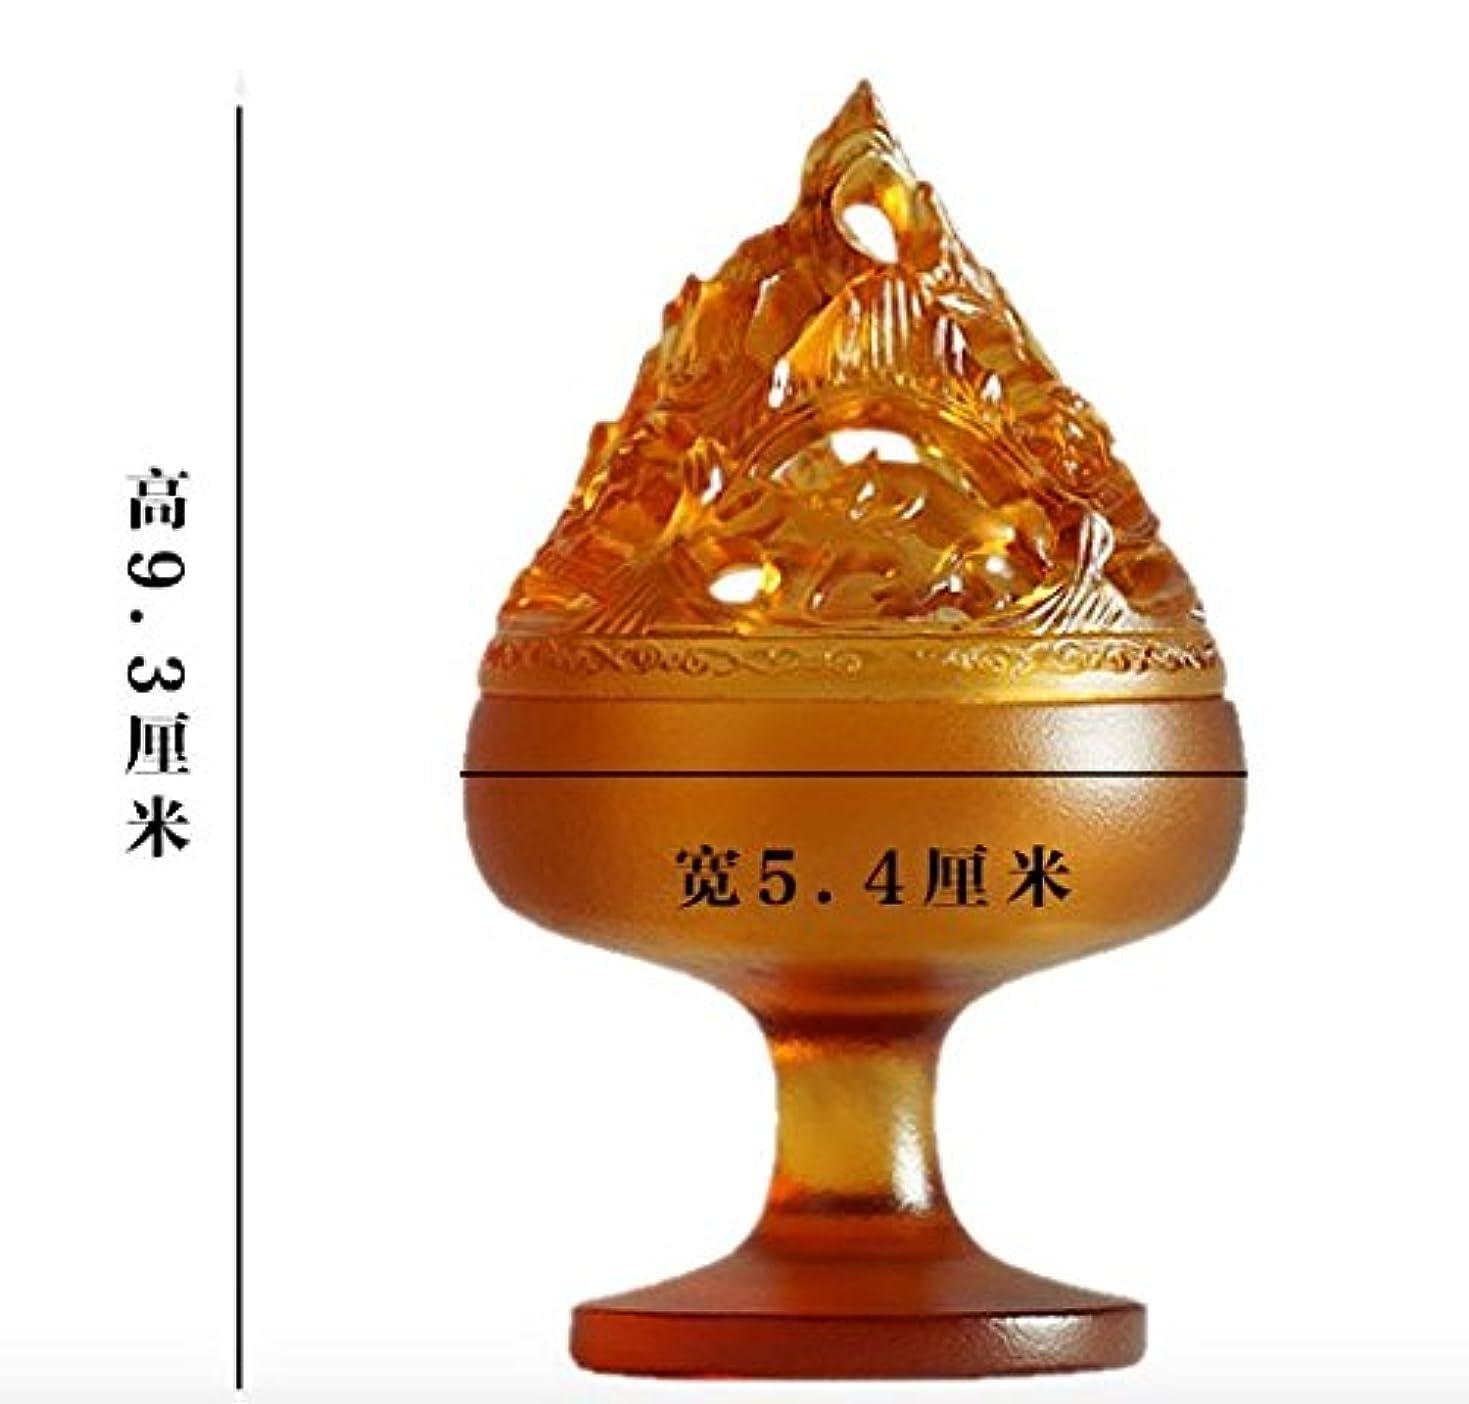 付ける皮肉インディカ【Lenni】仿古博山炉 香道 博物館模倣 瑠璃アロマ香炉 沉香熏香炉